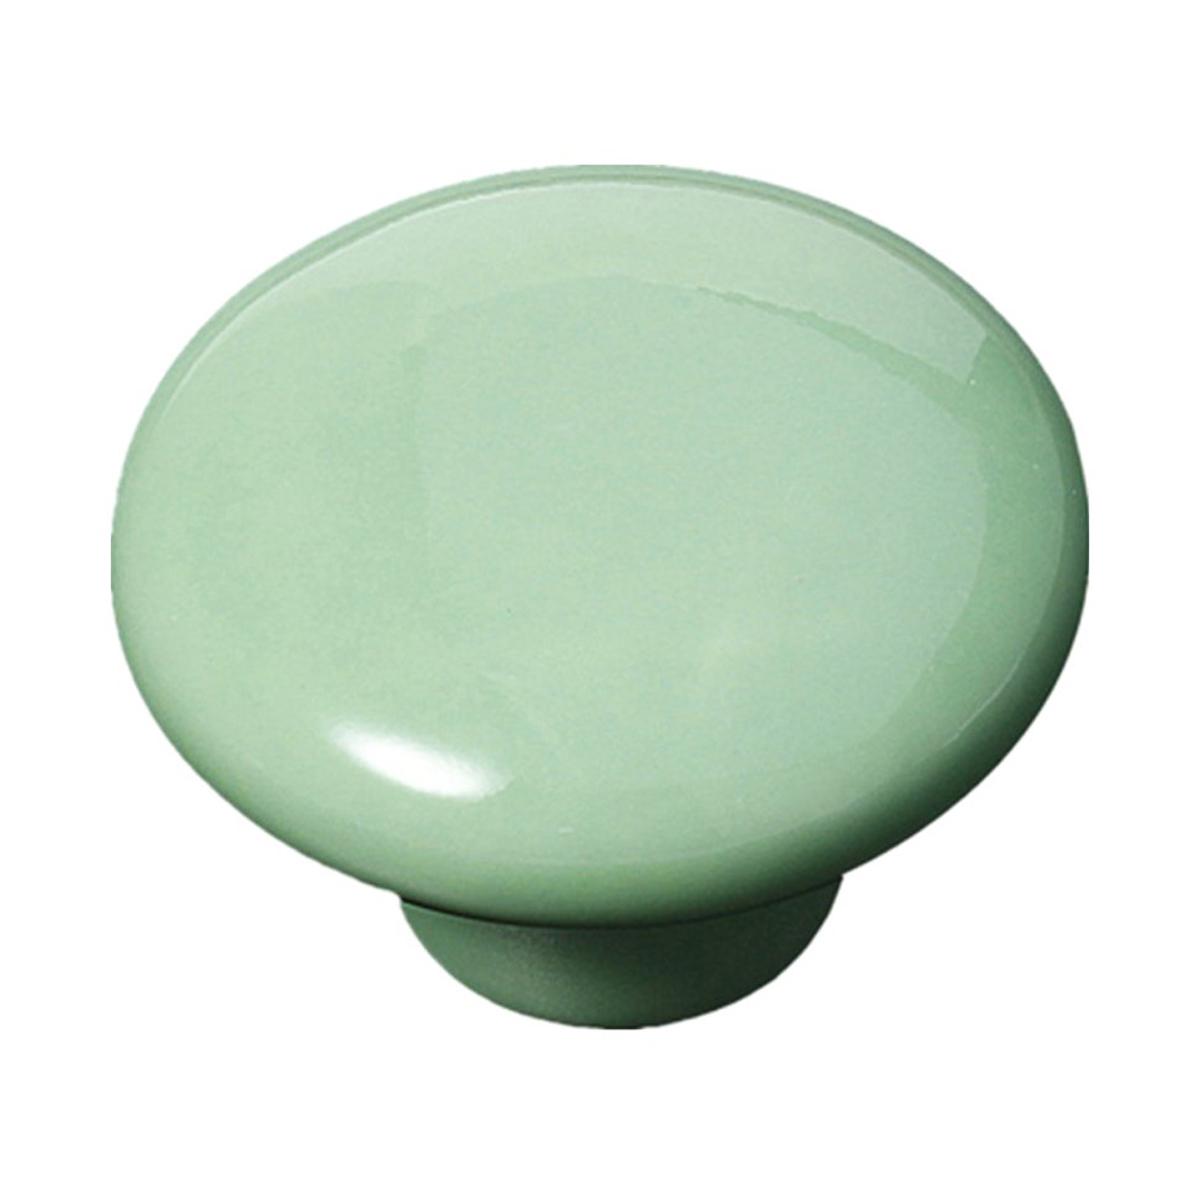 petite ronde poign e bouton en c ramique pour porte meuble armoire wt ebay. Black Bedroom Furniture Sets. Home Design Ideas